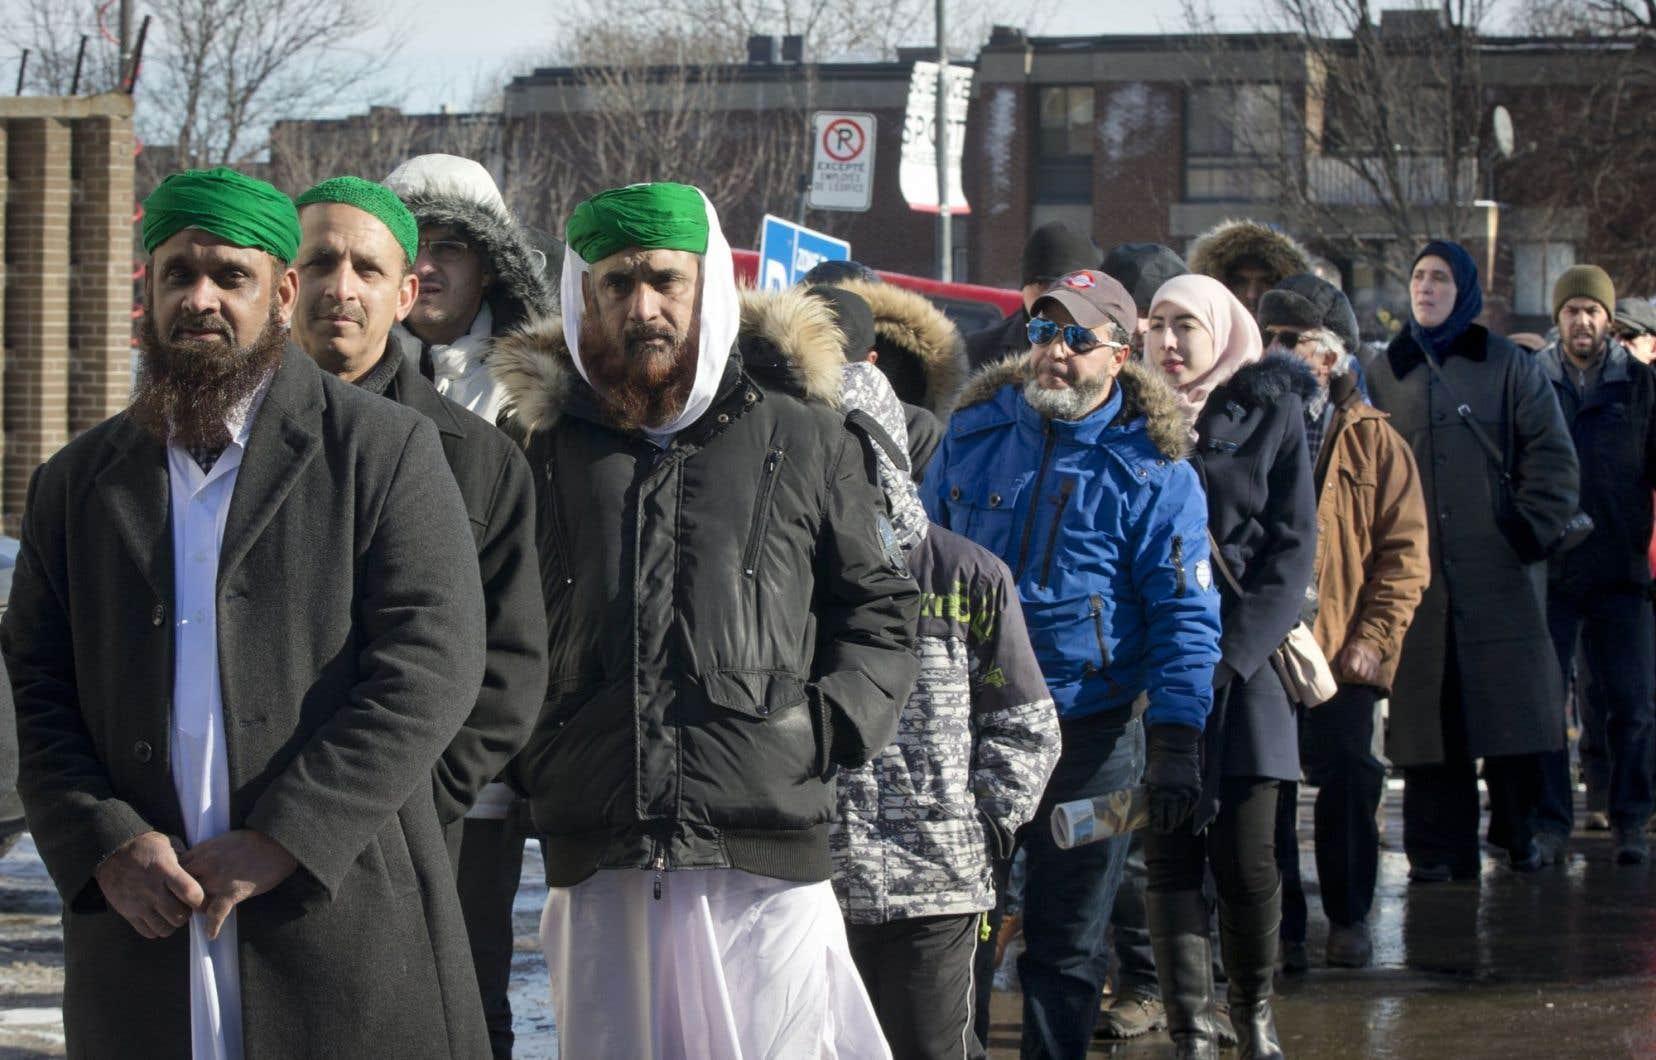 Les images sensationnalistes et stéréotypées de l'islam dans certains médias ont amplifié les insécurités identitaires dans la société québécoise.